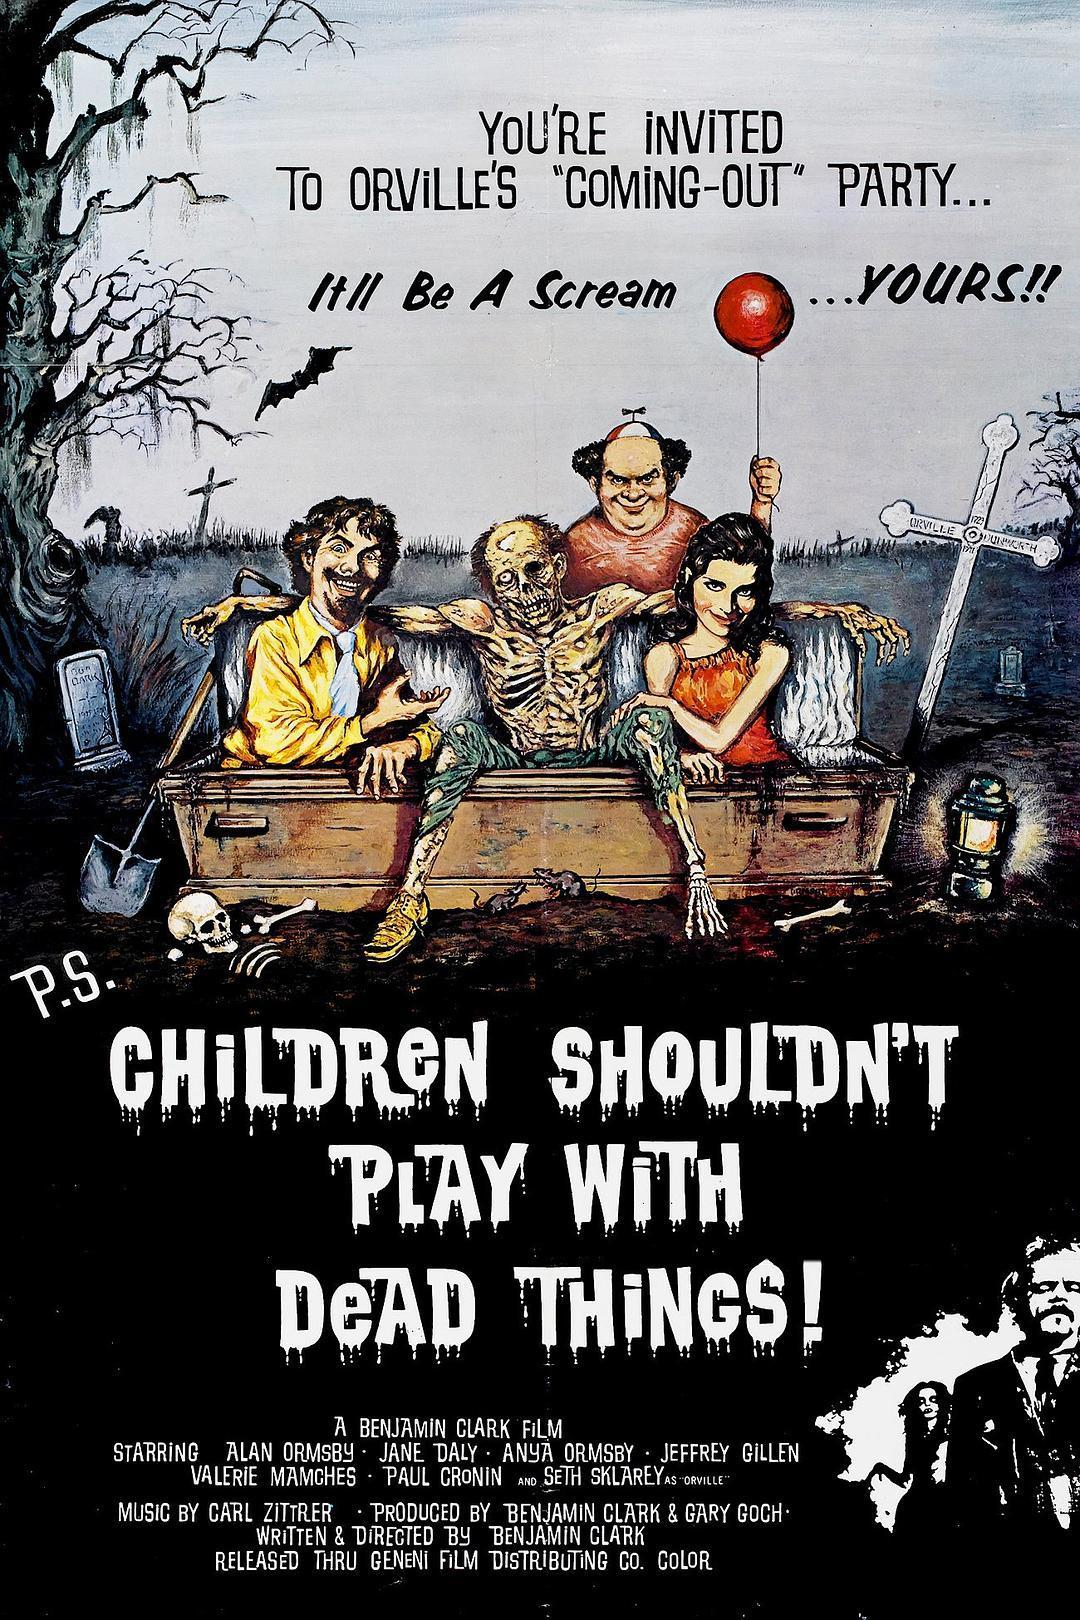 孩子不能同鬼玩